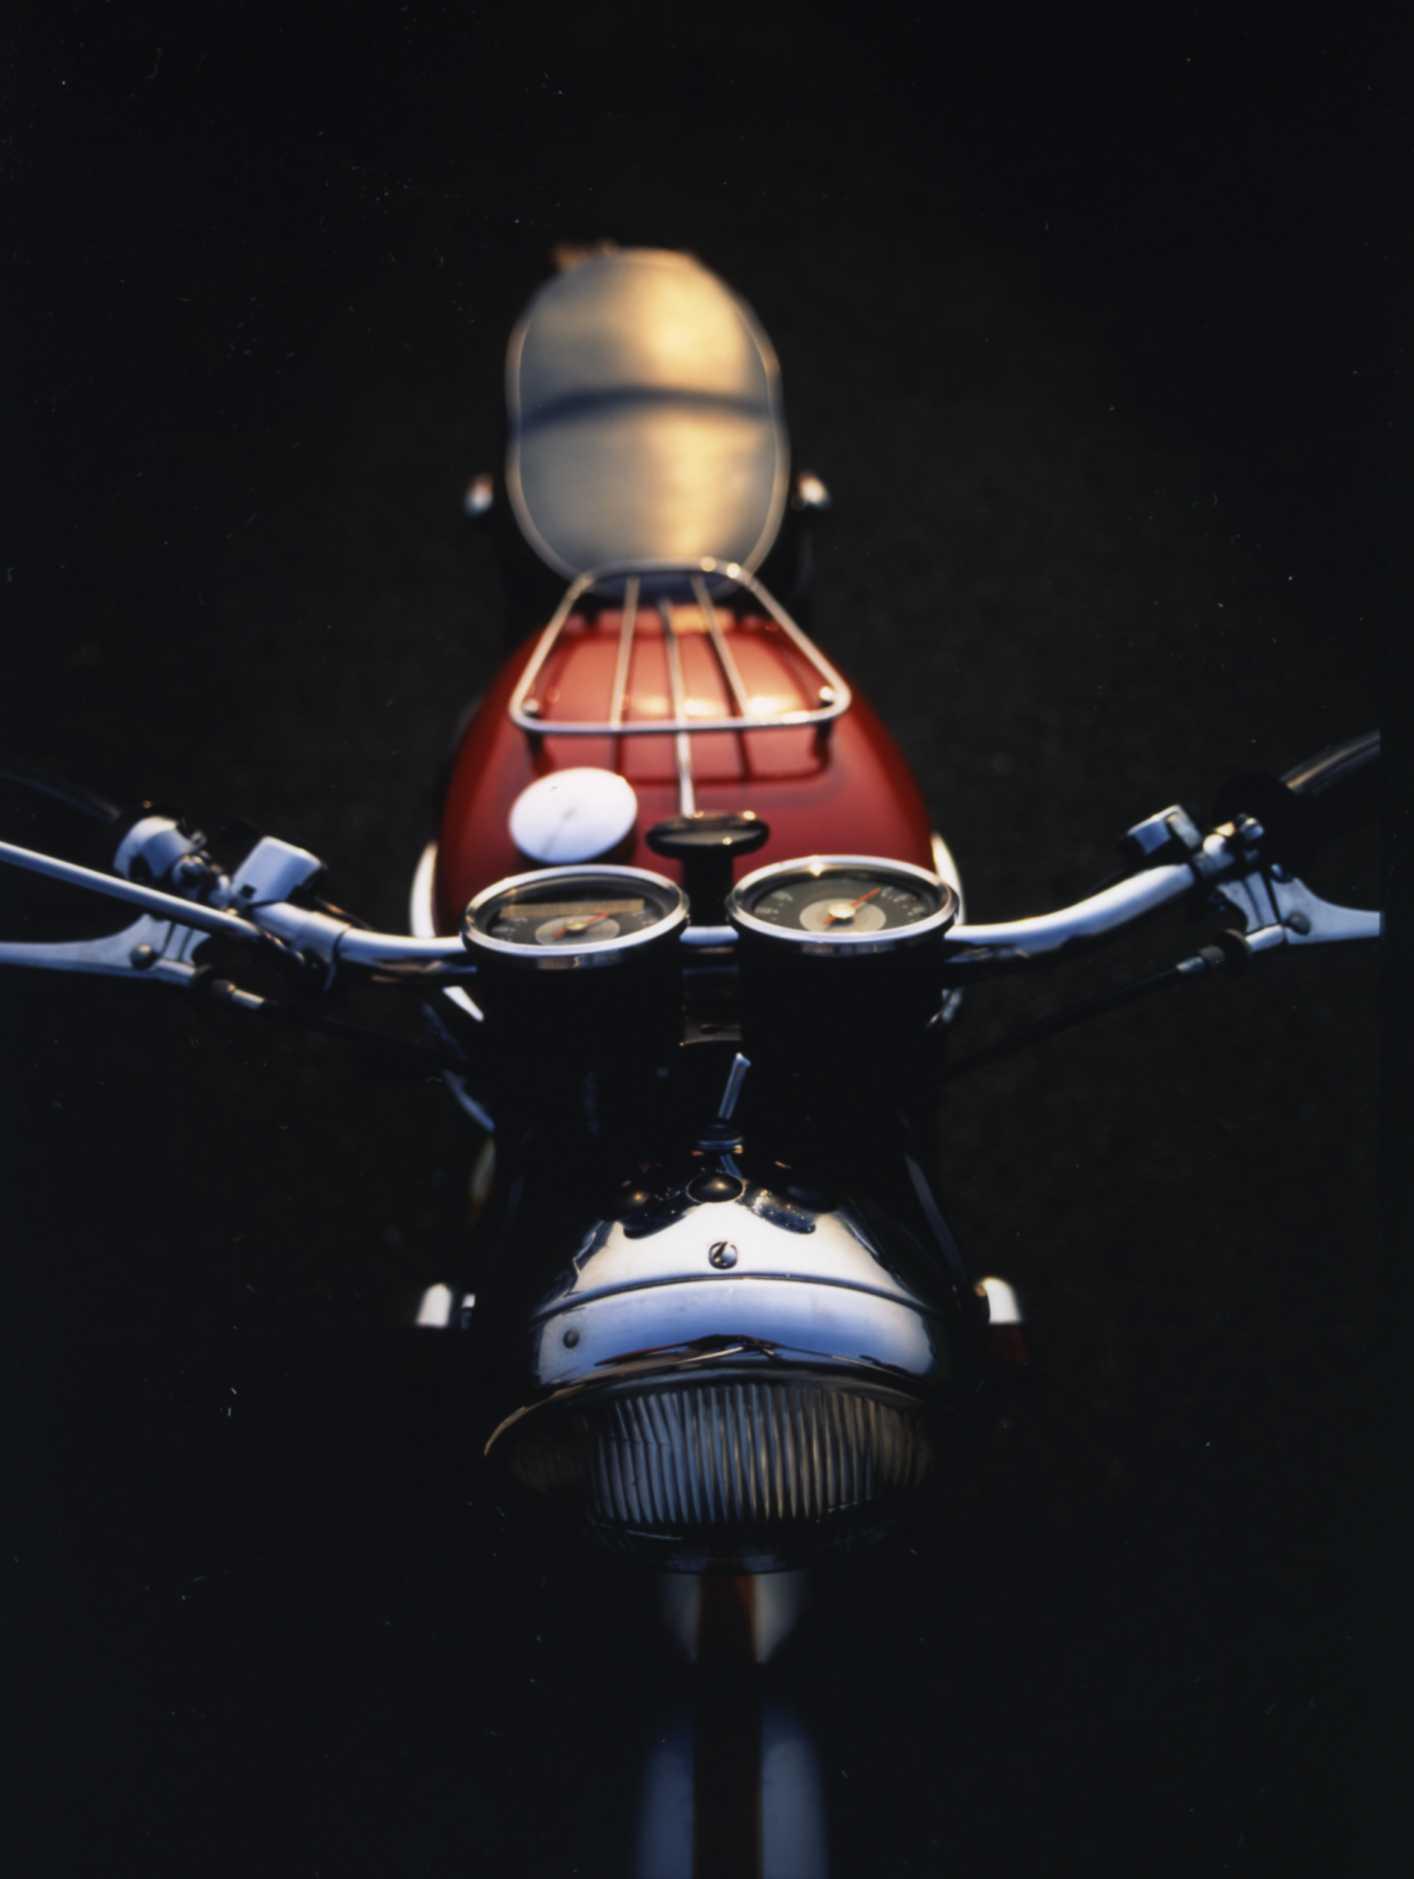 バイクの乗るのを自粛ののお願い_f0050534_07435188.jpg